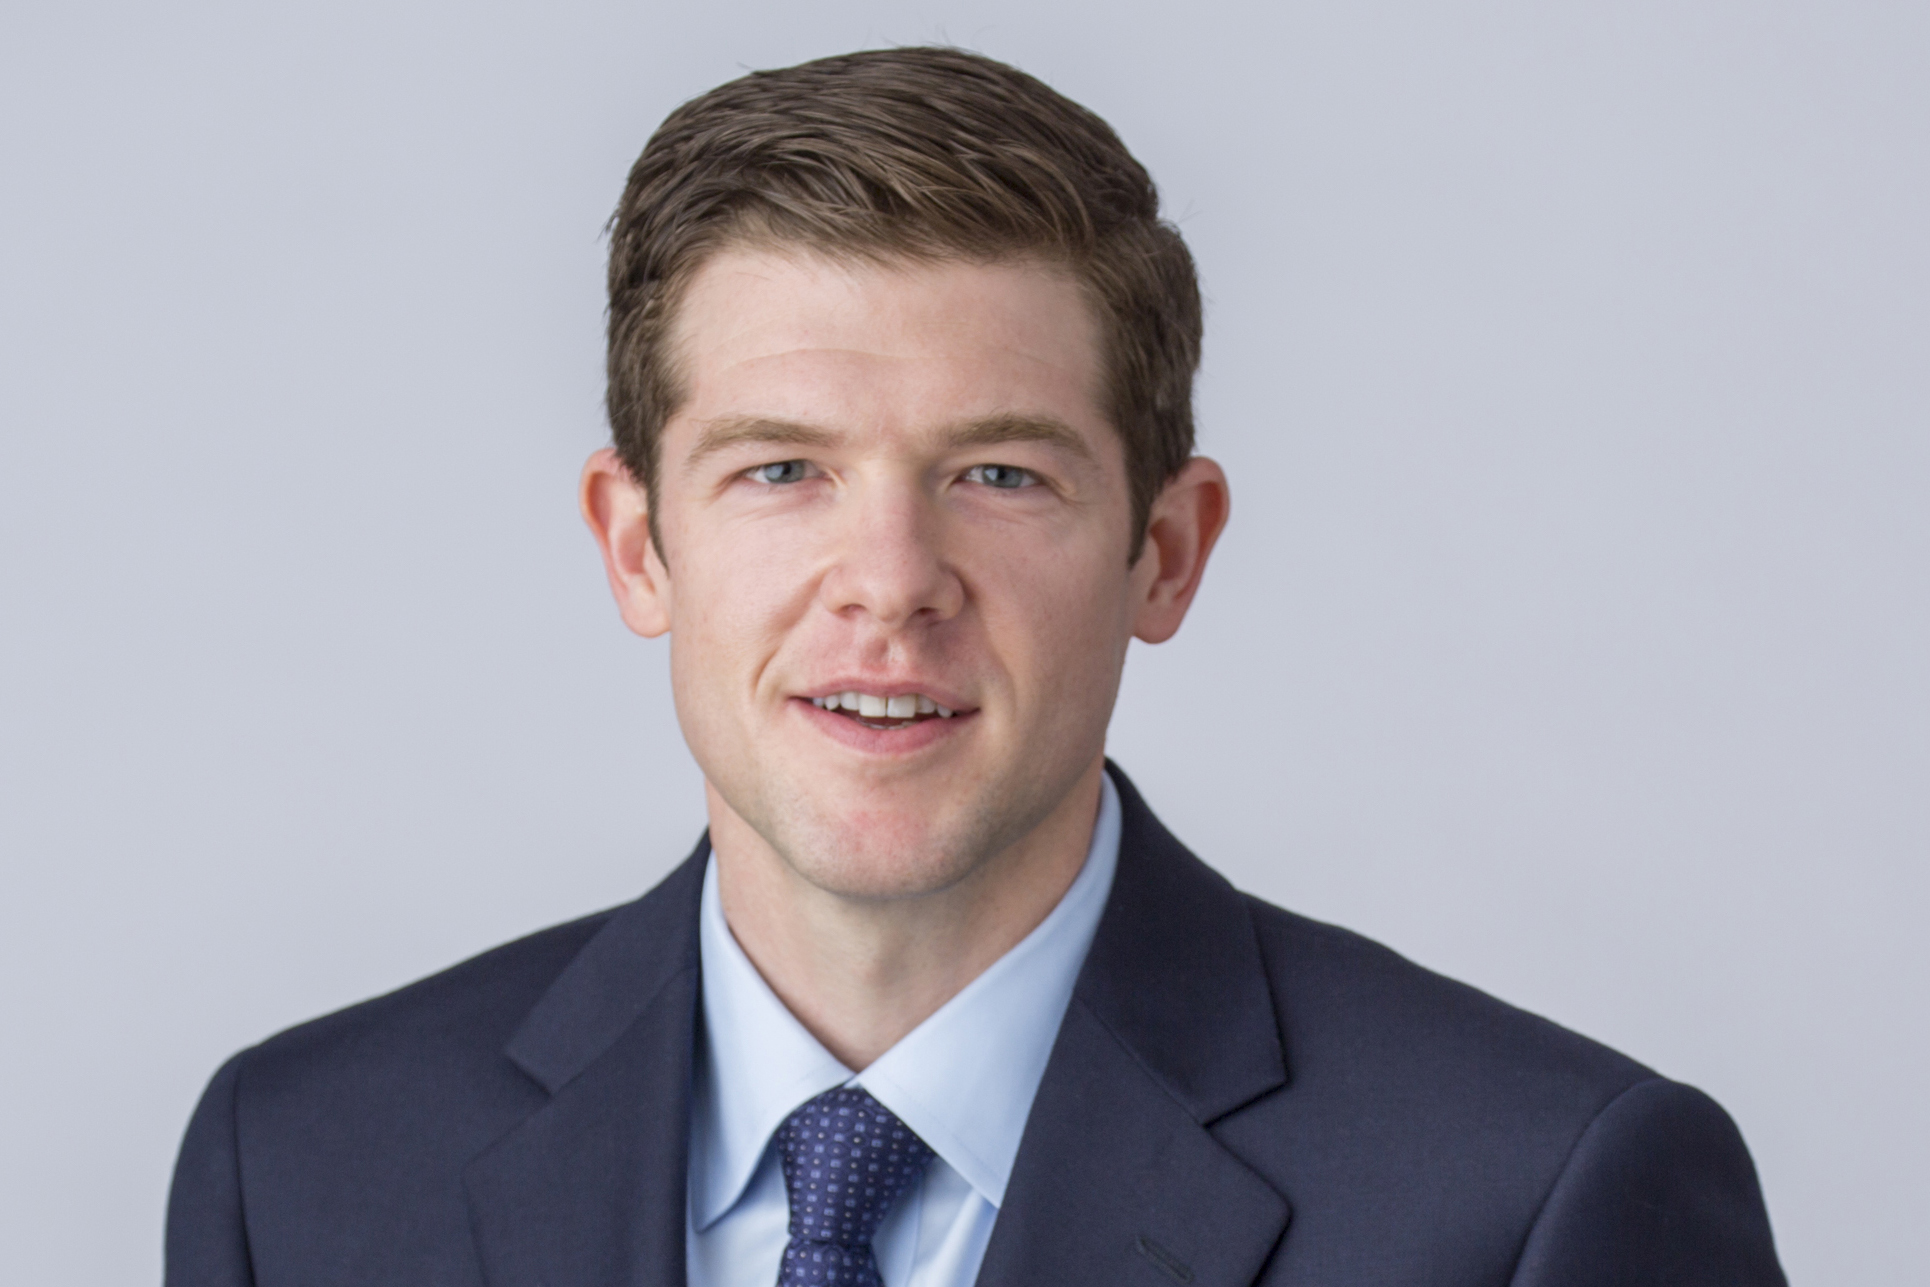 Matt Short